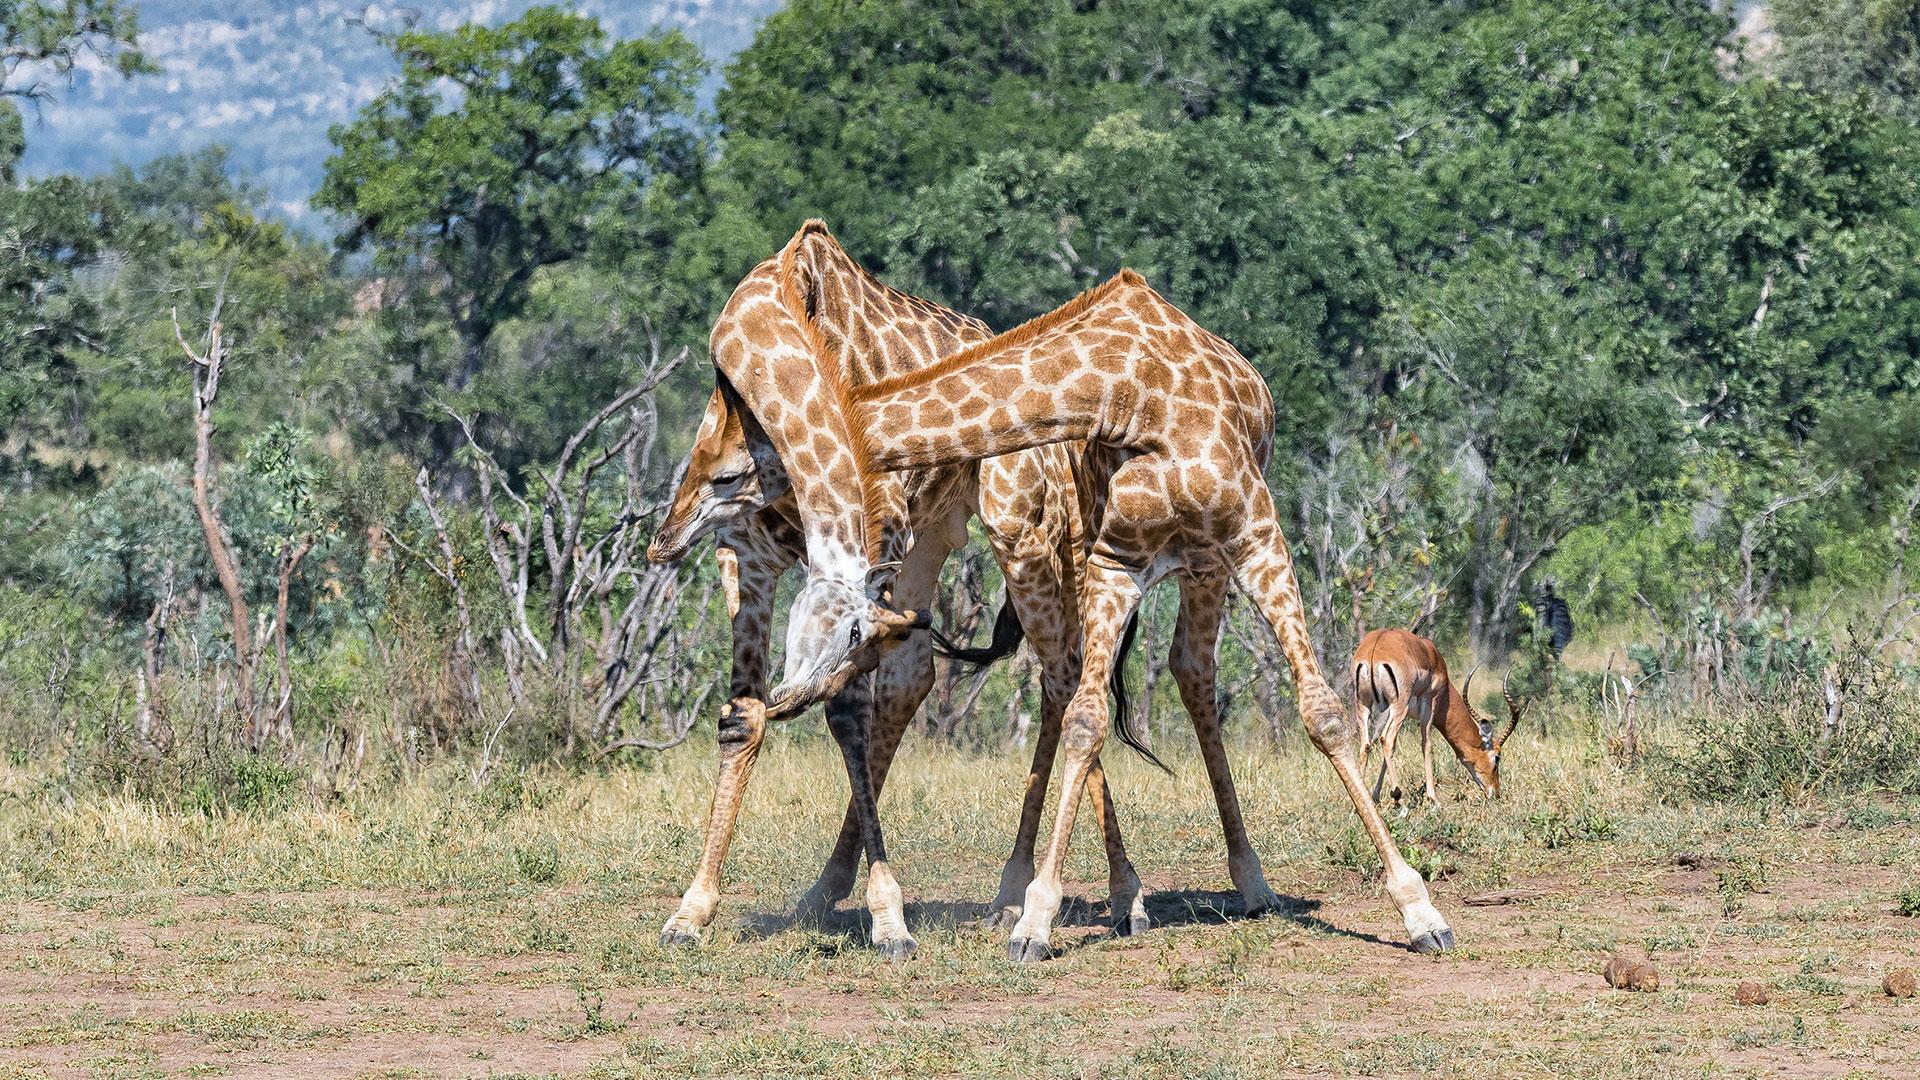 Giraffen beißen nicht. Giraffen kämpfen, indem sie ihre Hälse aneinander schlagen.